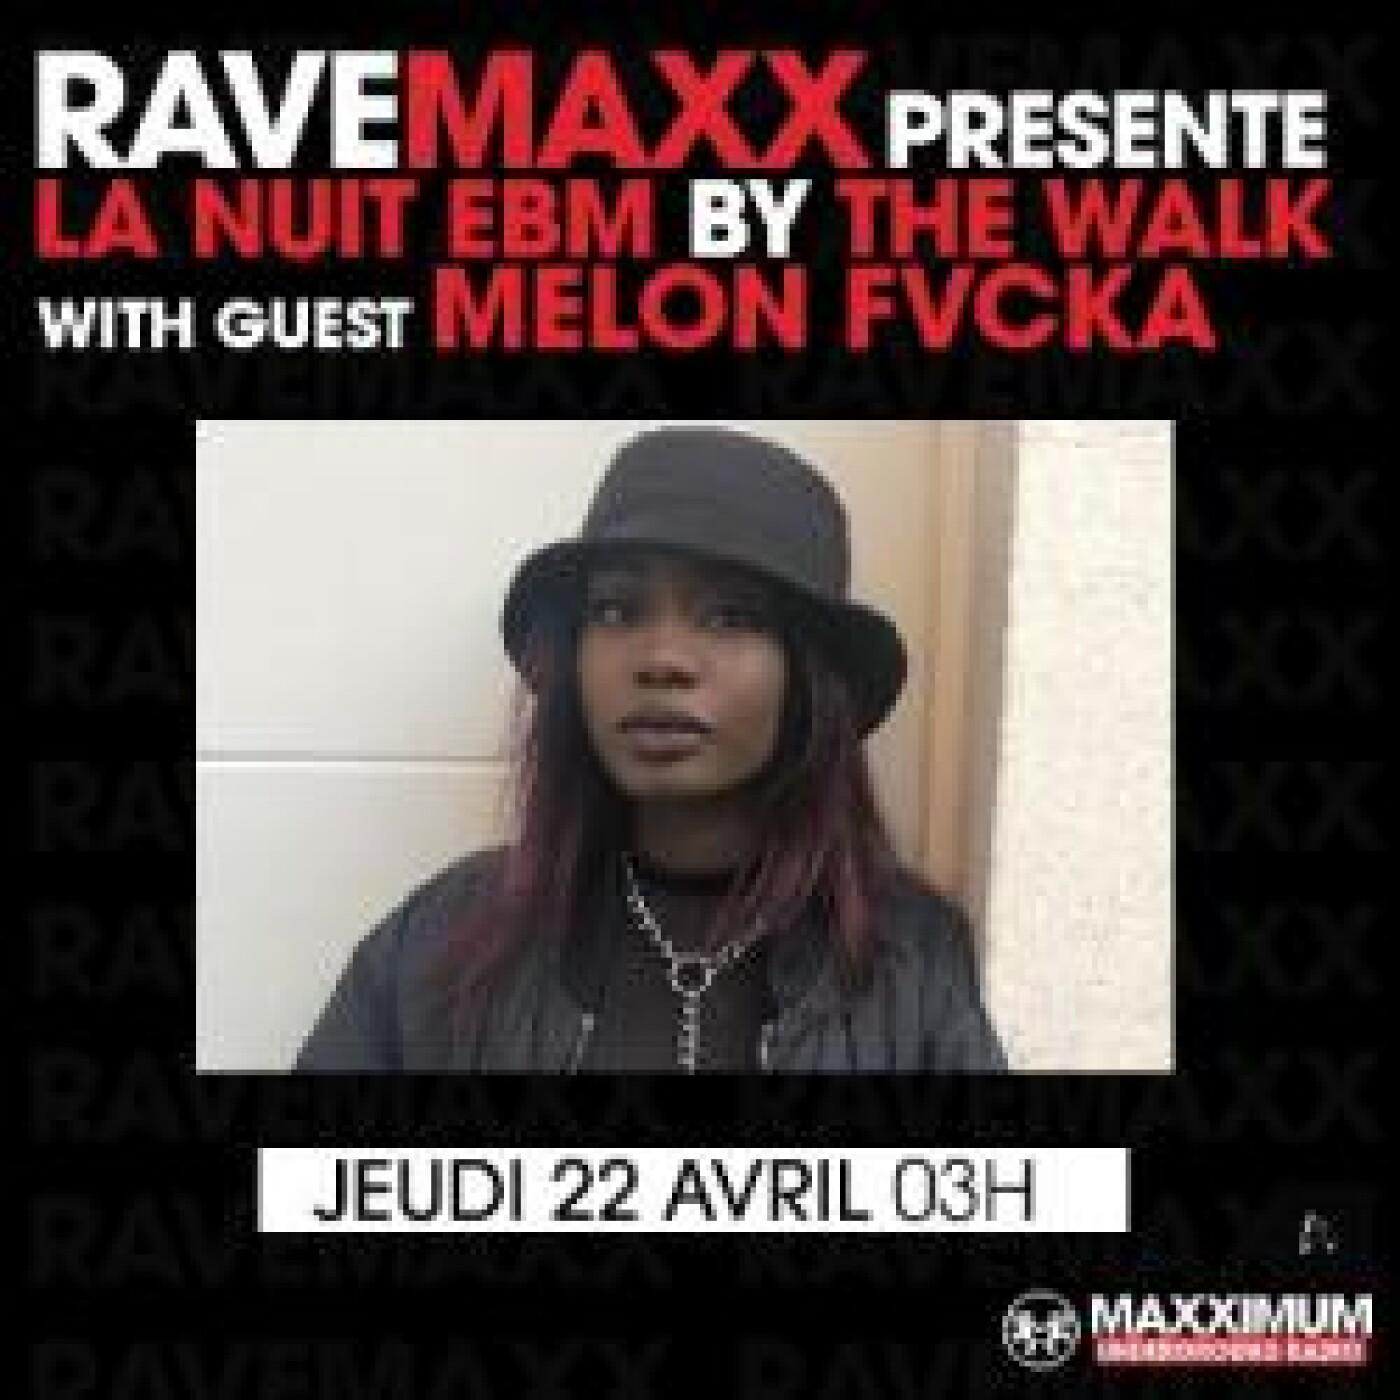 RAVEMAXX : MELON FVCKA